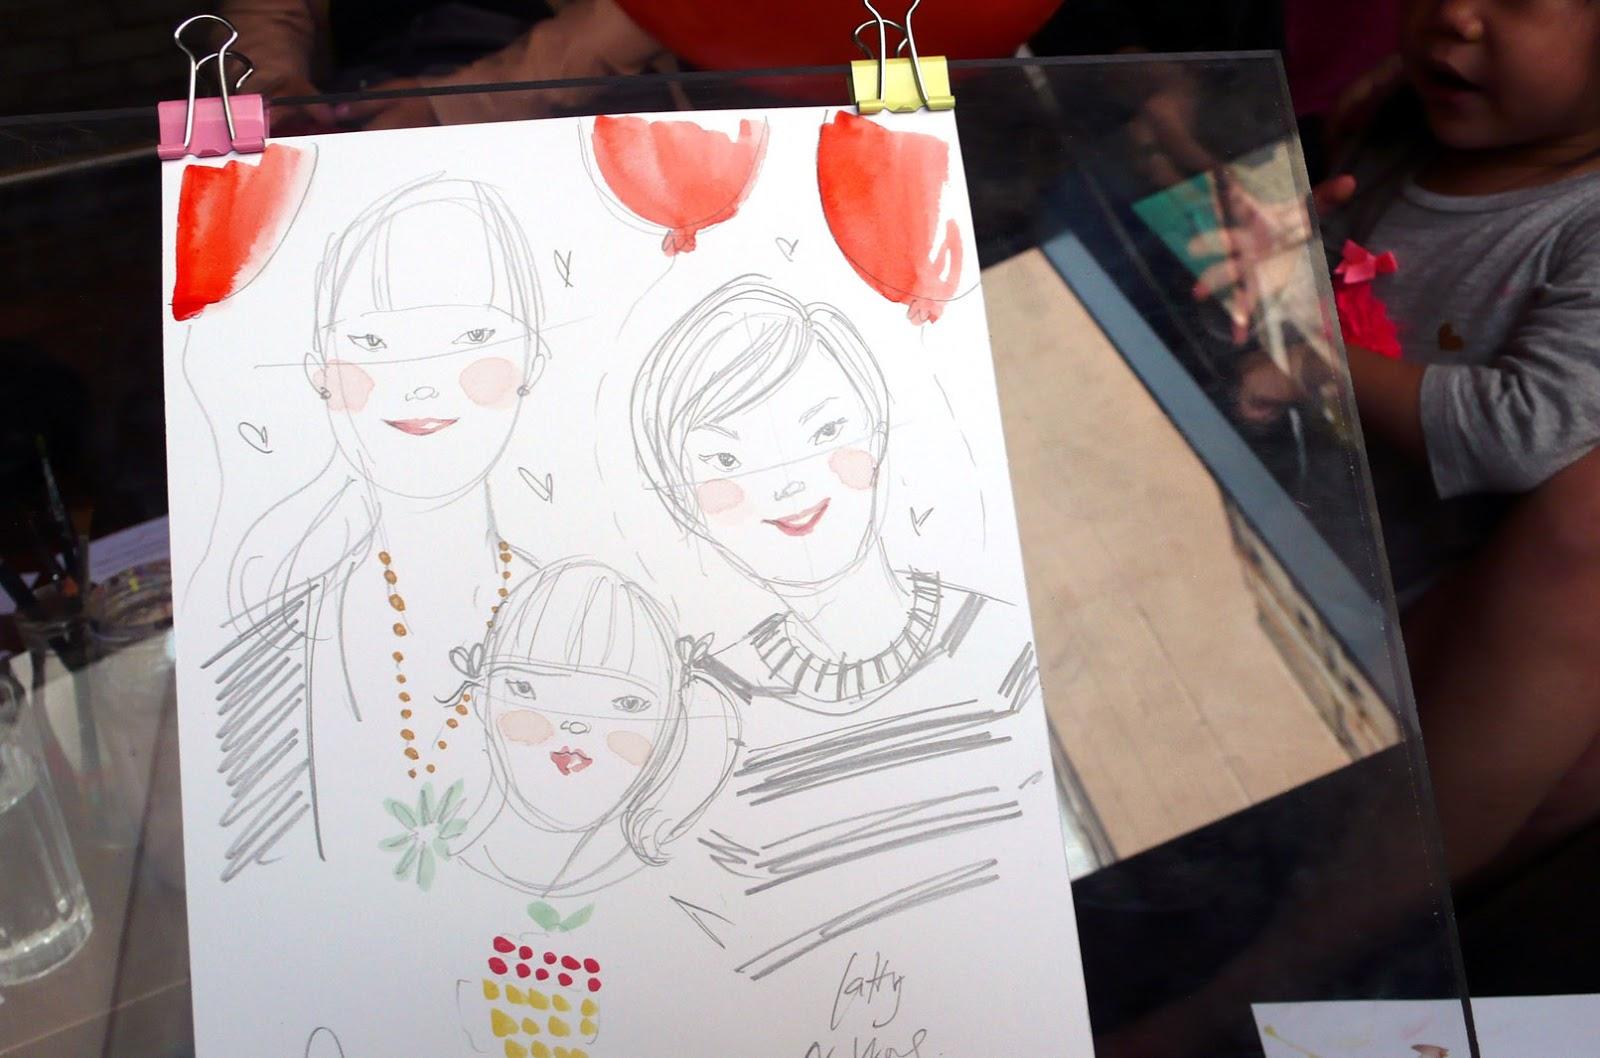 Kitty N. Wong / Live sketch booth at Sassy Mama Awards